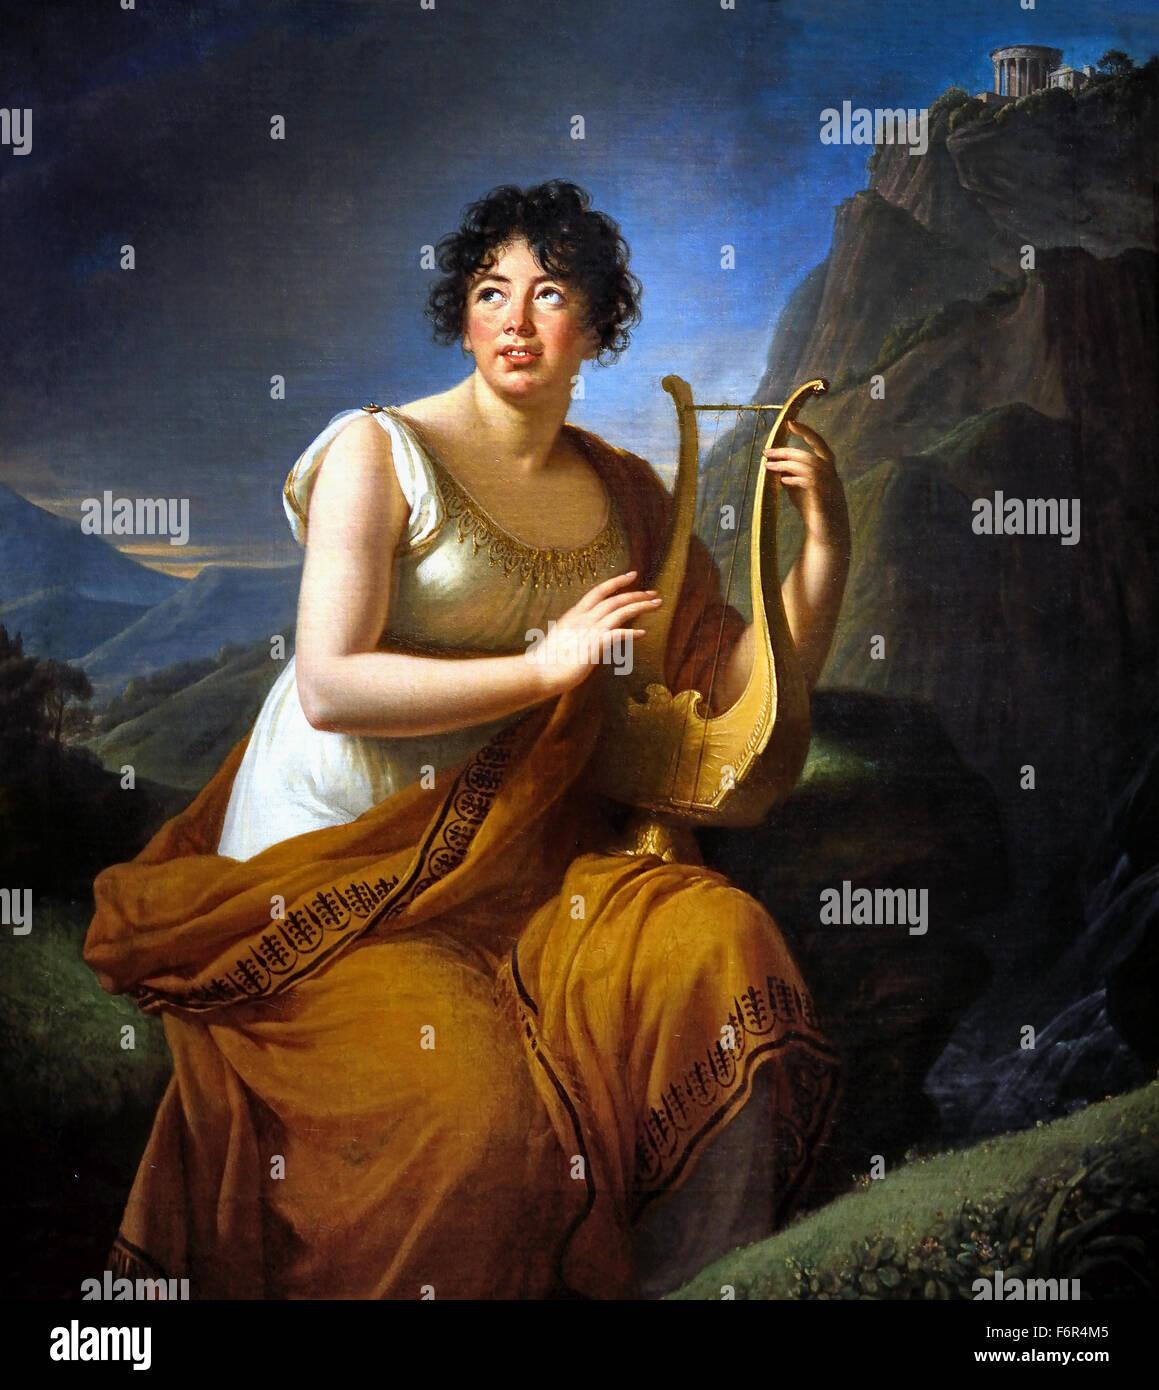 Retrato de Madame de Staël Corinne como en Cape Misenum 1809 Musée d'Art et d'Histoire de Ginebra, Marie Louise Élisabeth Vigée Le Brun 1755 -1842 París Francia Francia ( rococó pintor neoclásico ) Foto de stock